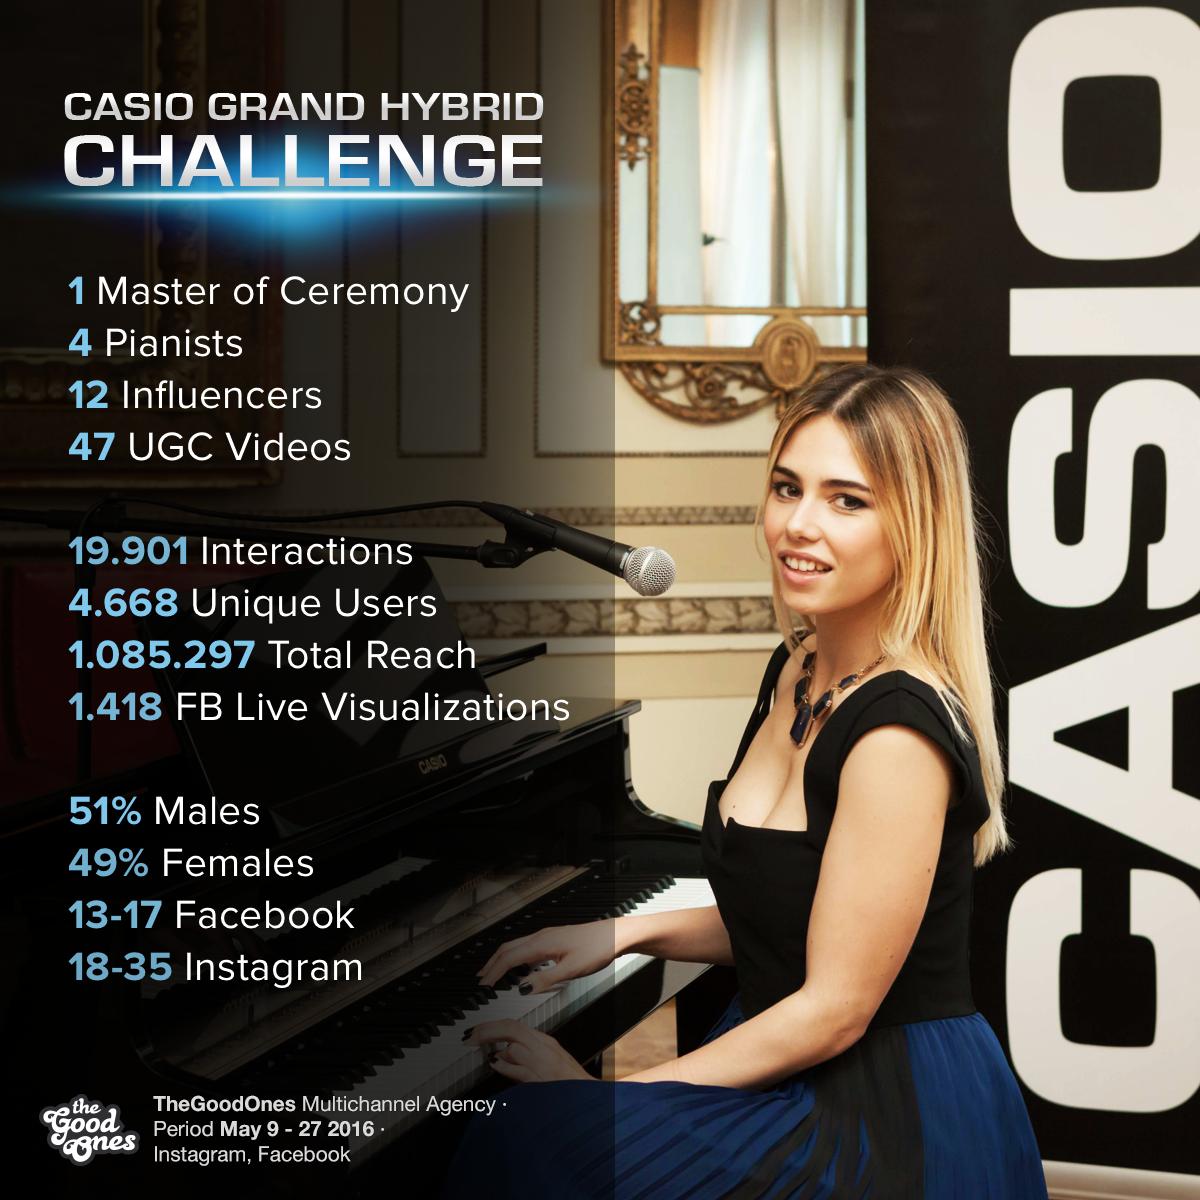 I numeri della campagna/evento Casio Grand Hybrid Challenge